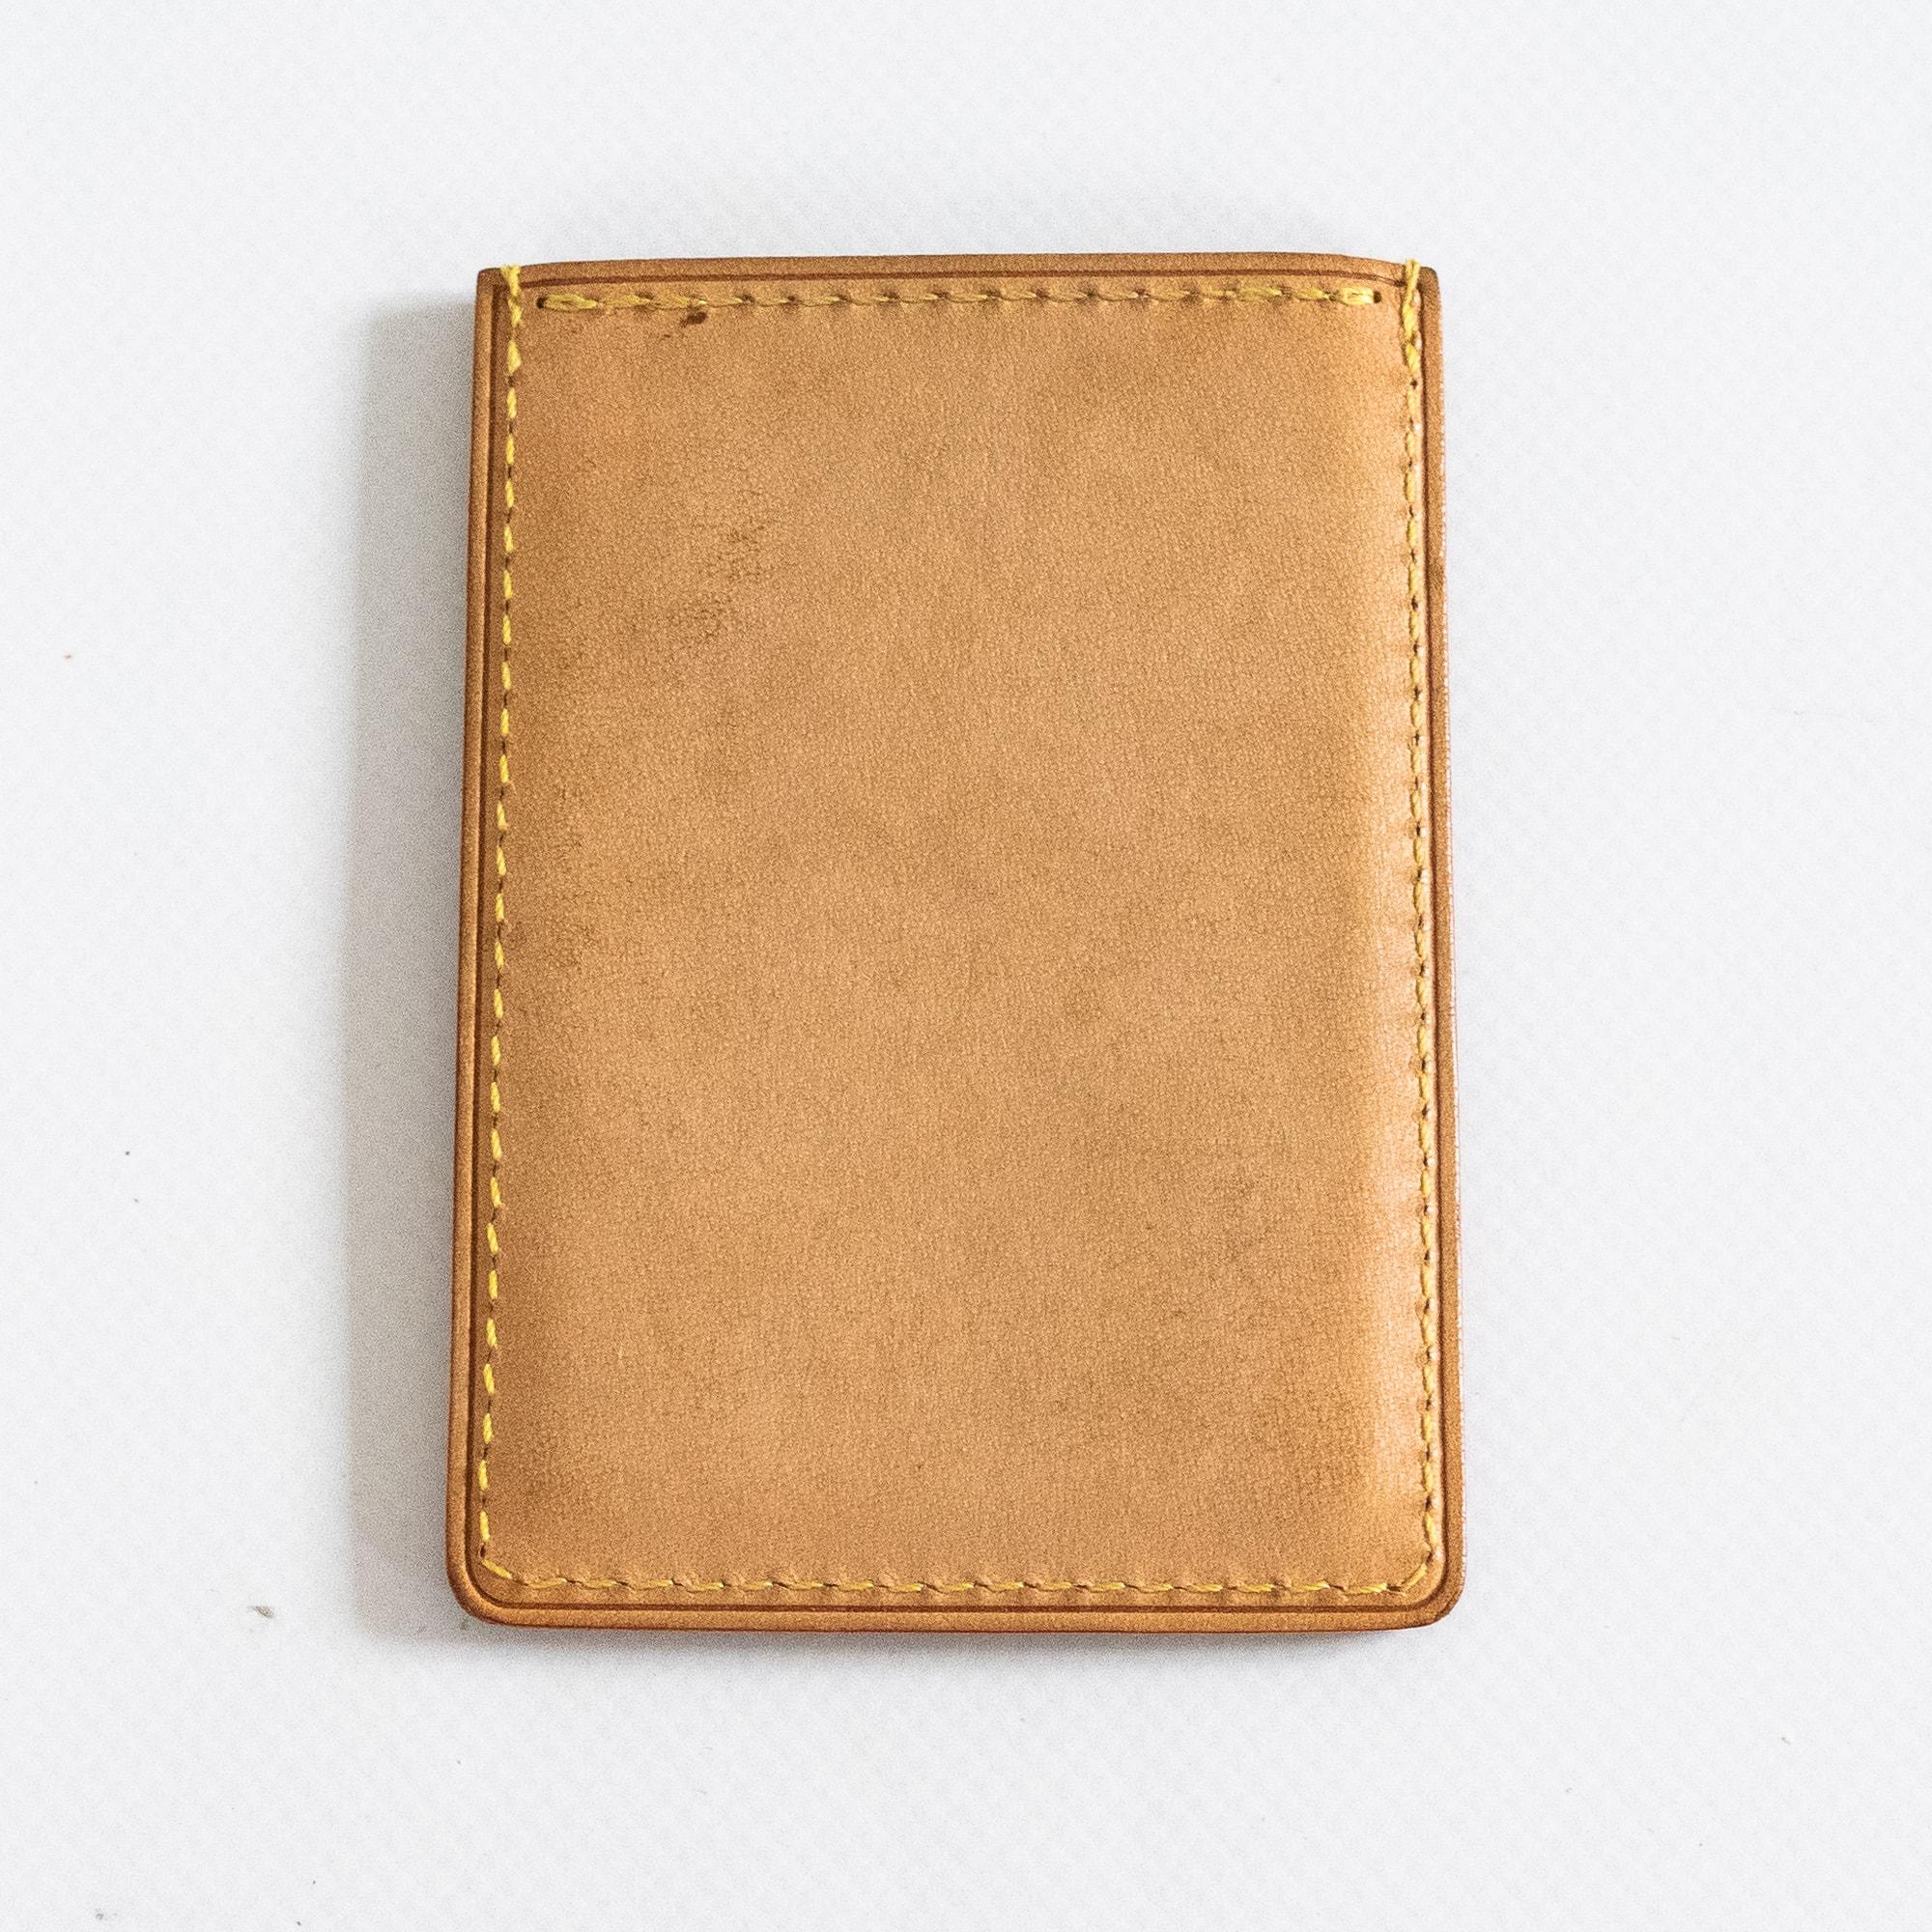 gebraucht kaufen Louis Vuitton at Comme des Garcons Cardholder